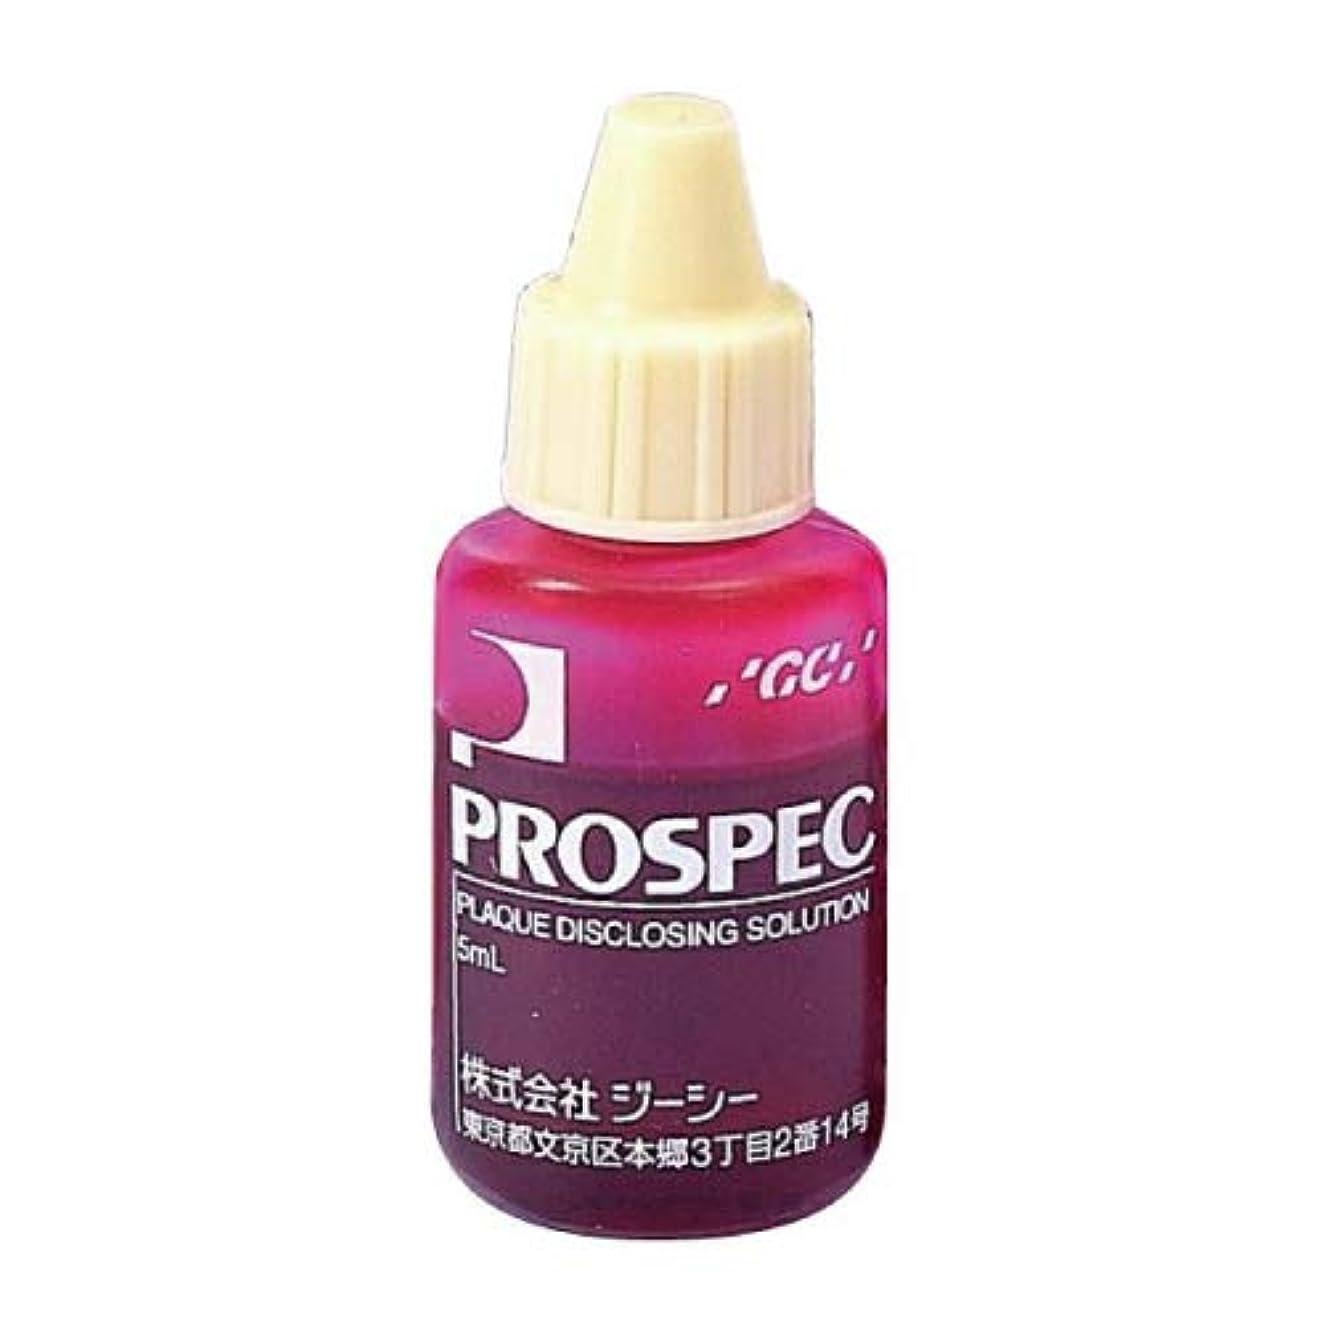 病んでいるレイア回転させるジーシー GC プロスペック 歯垢染色液 5ml